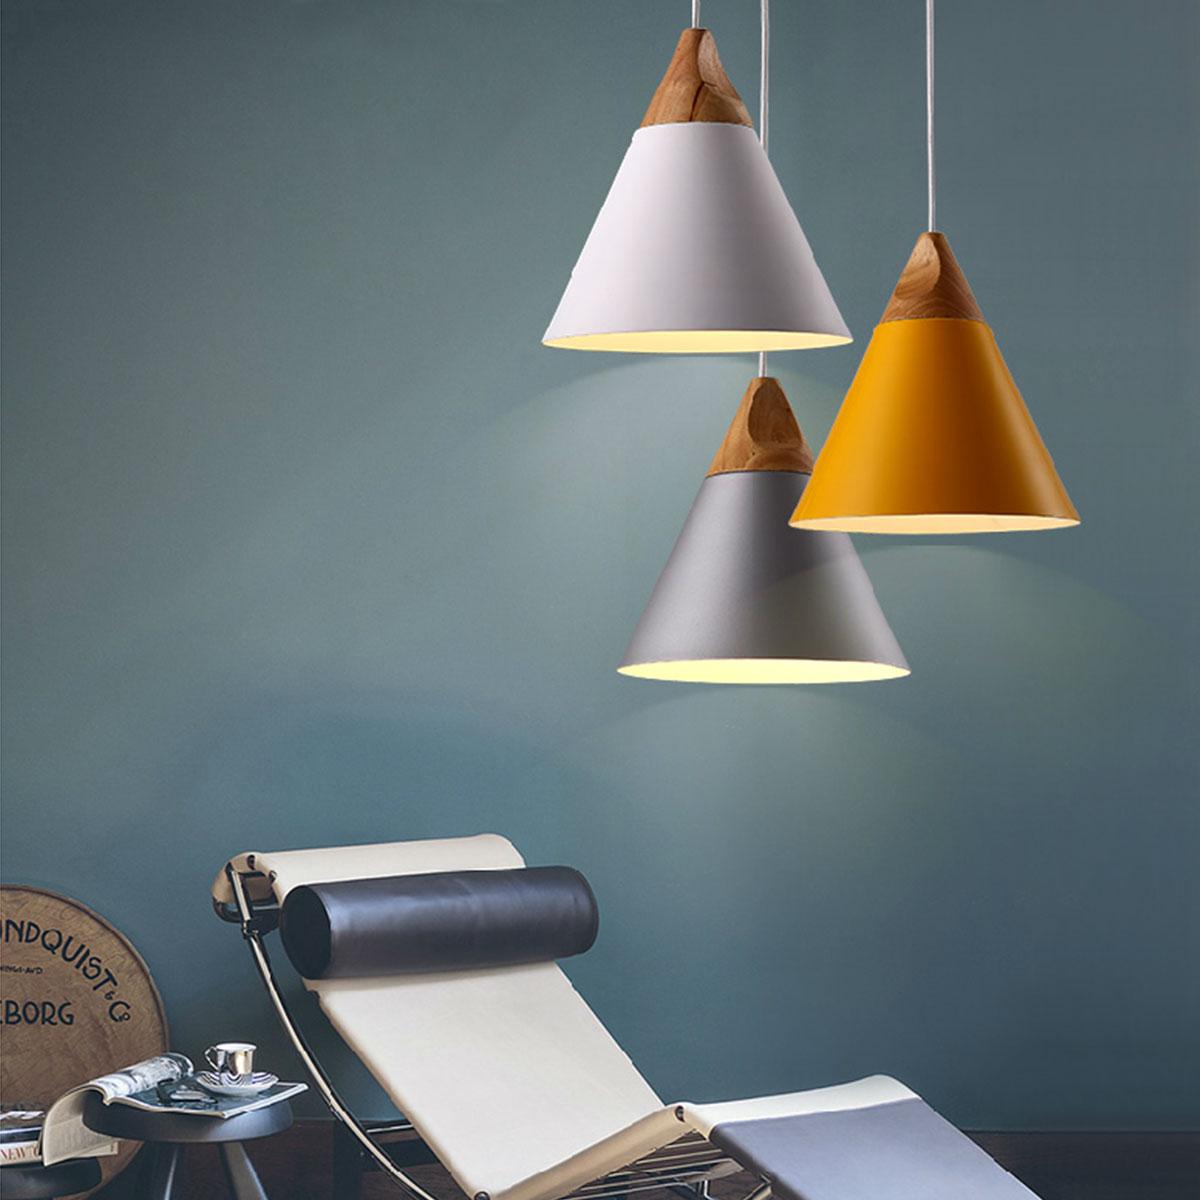 Конусообразные люстры с деревянными вставками